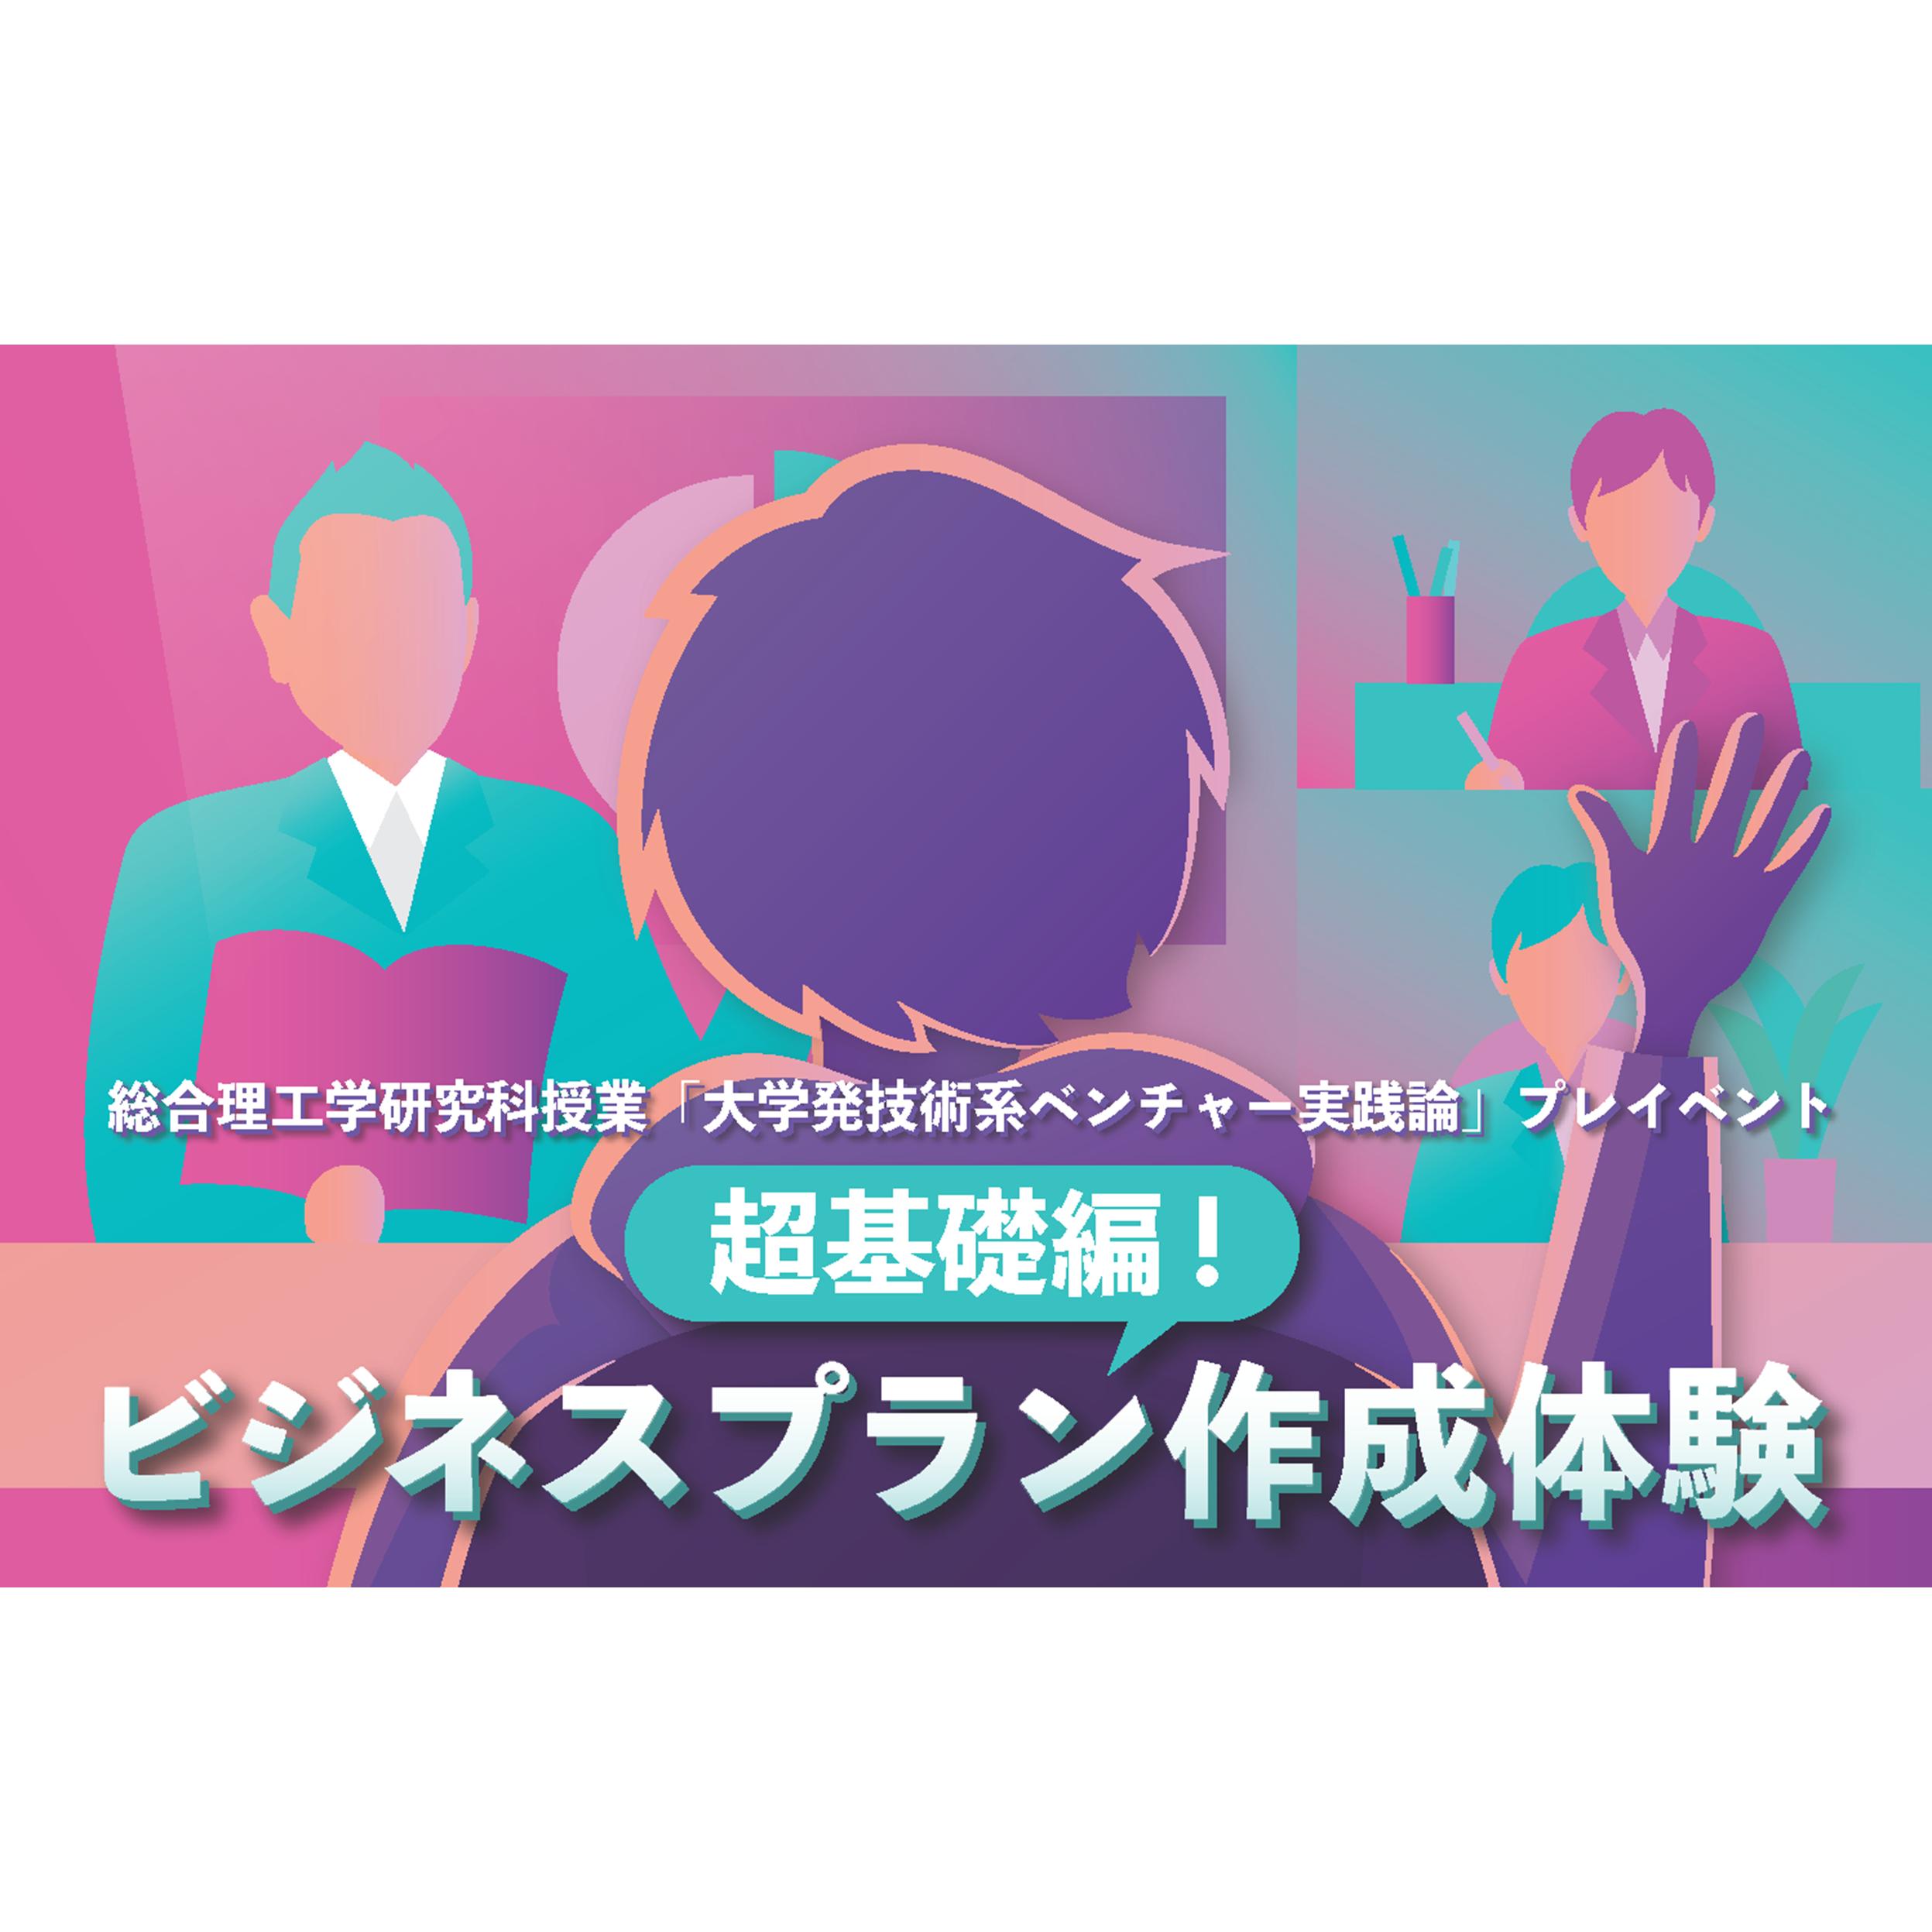 アイキャッチ画像:【開催告知】「超基礎編!ビジネスプラン作成体験」開催のご案内